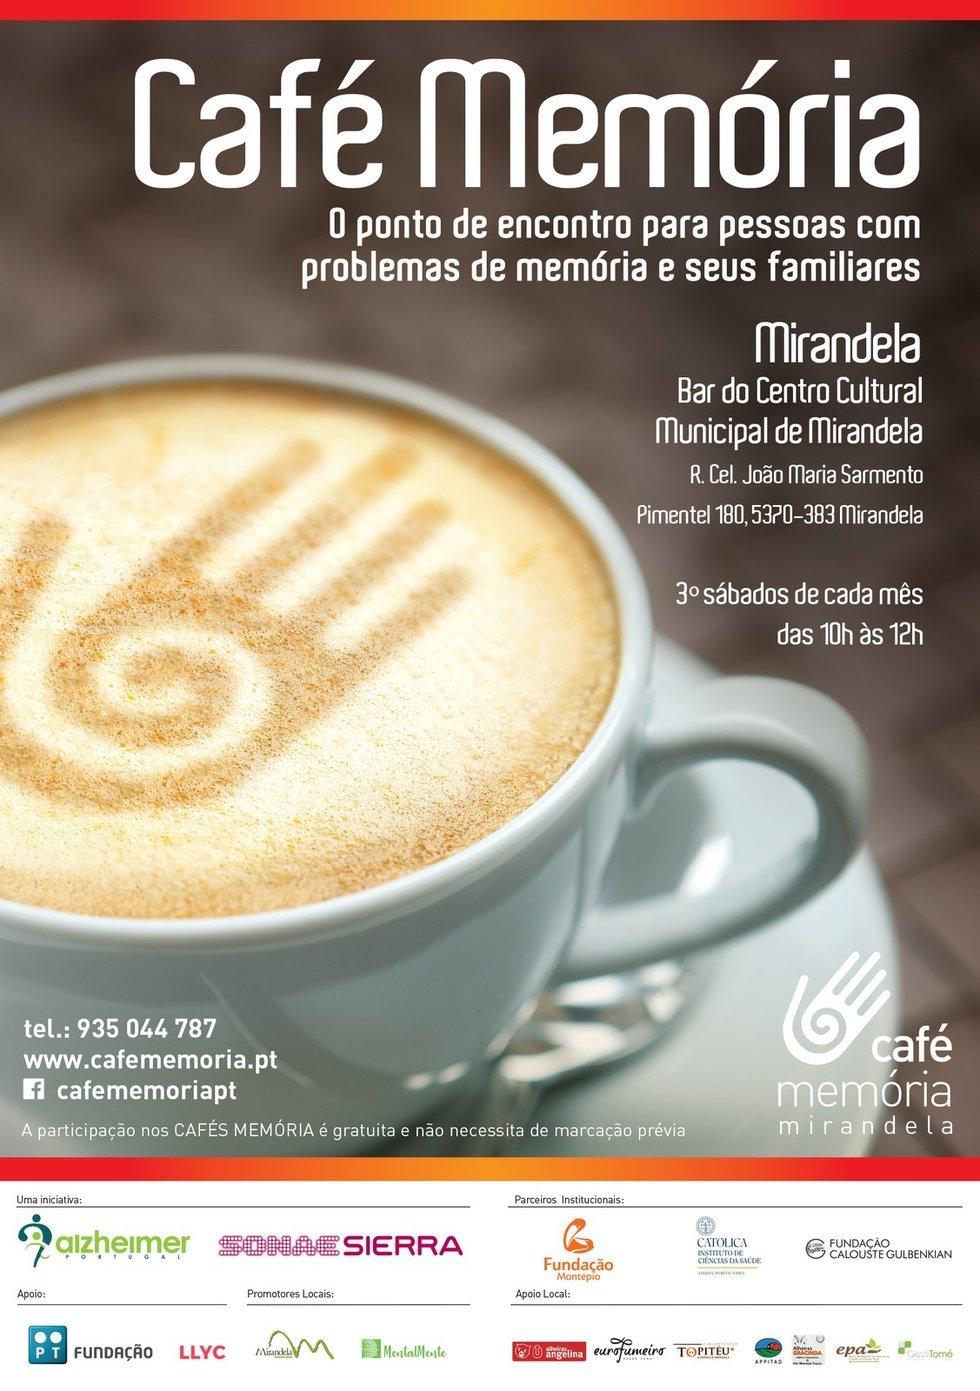 Café Memória em Mirandela